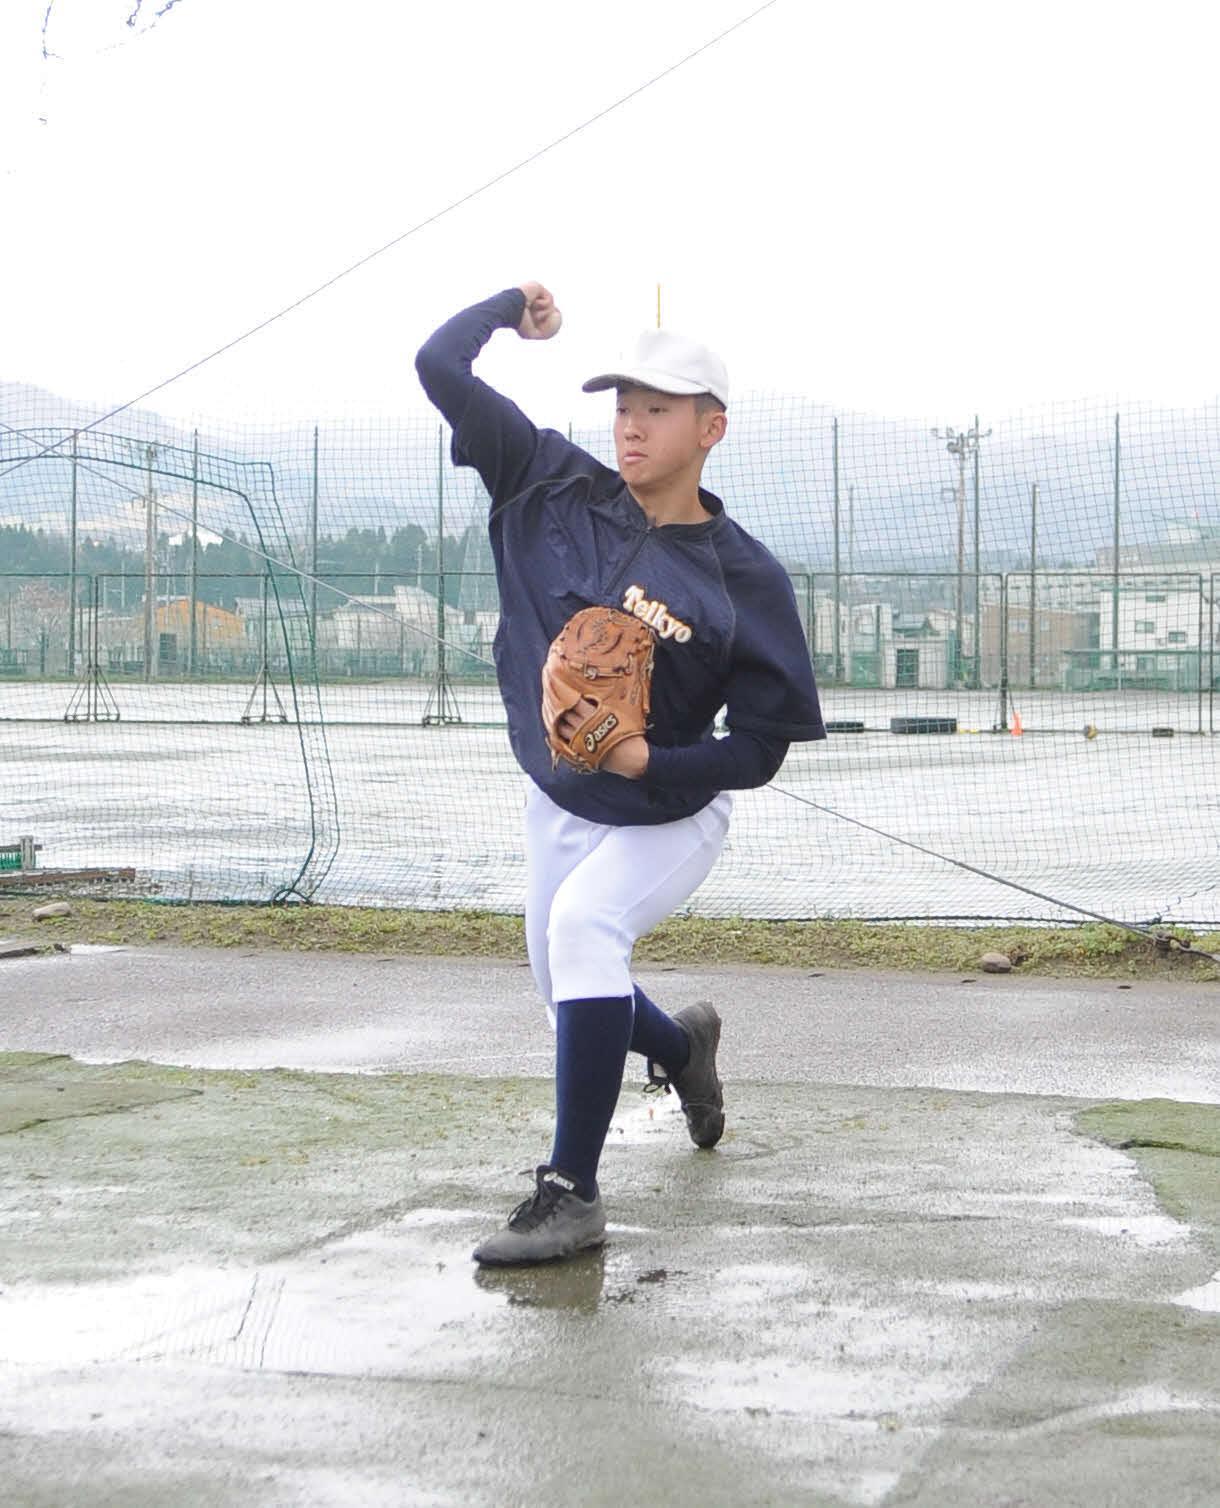 自主トレ中の帝京長岡・吉田行慶投手(2020年4月5日、帝京長岡グラウンド)